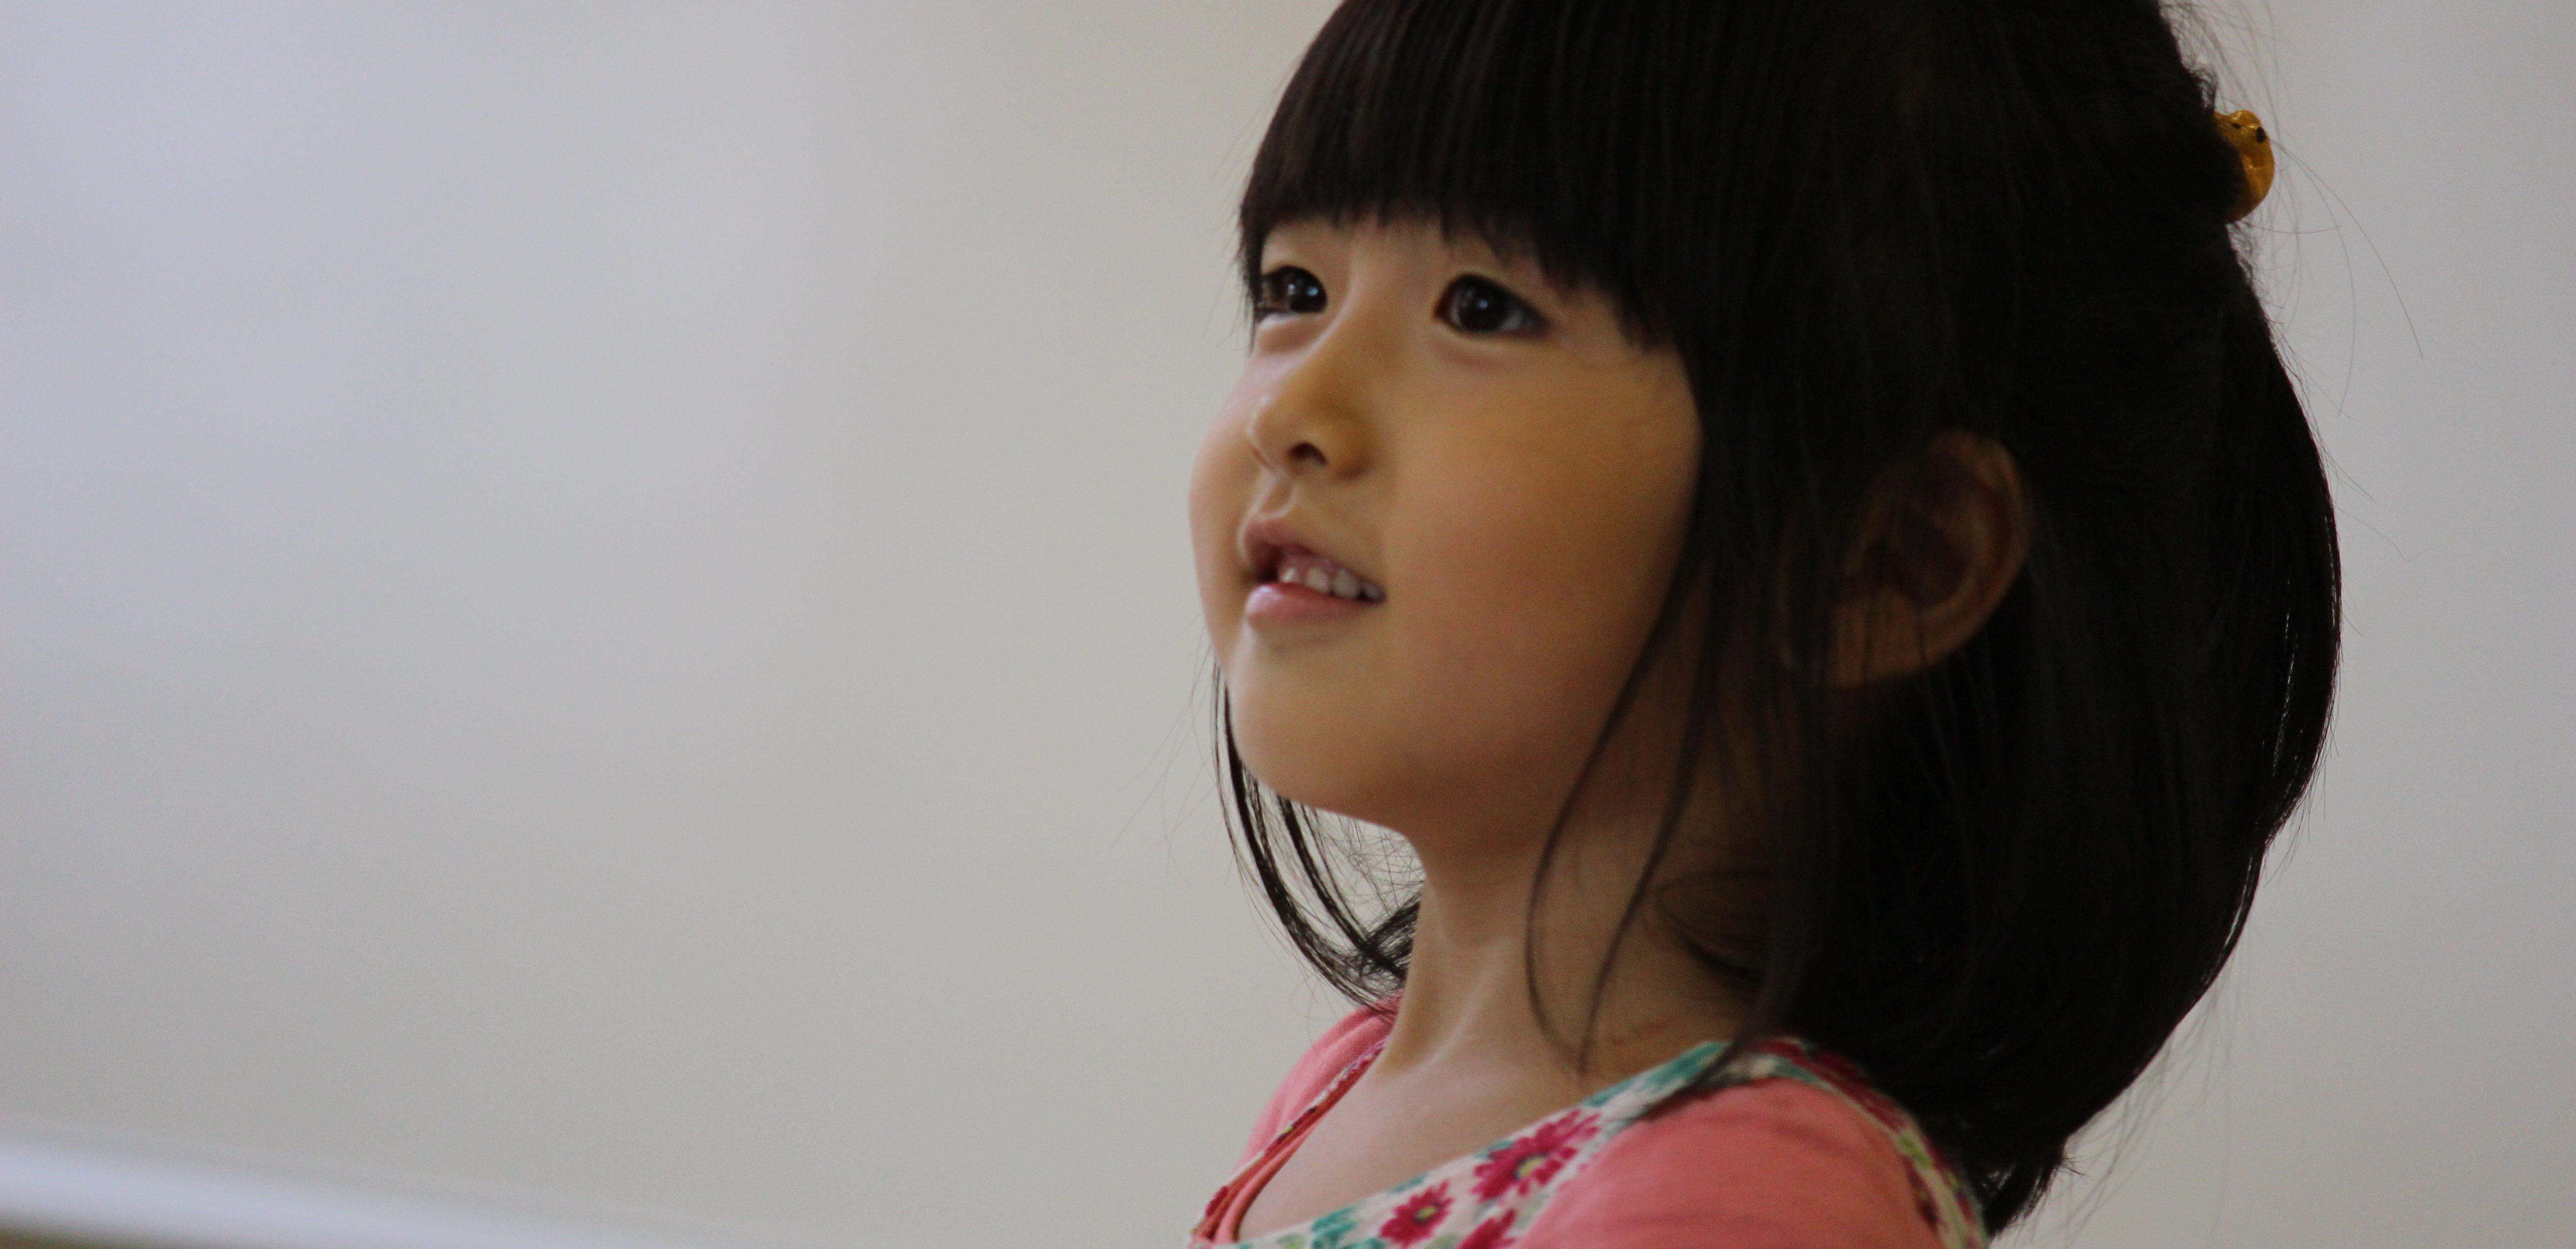 子供の感性を育てる岐阜のリトミック教室